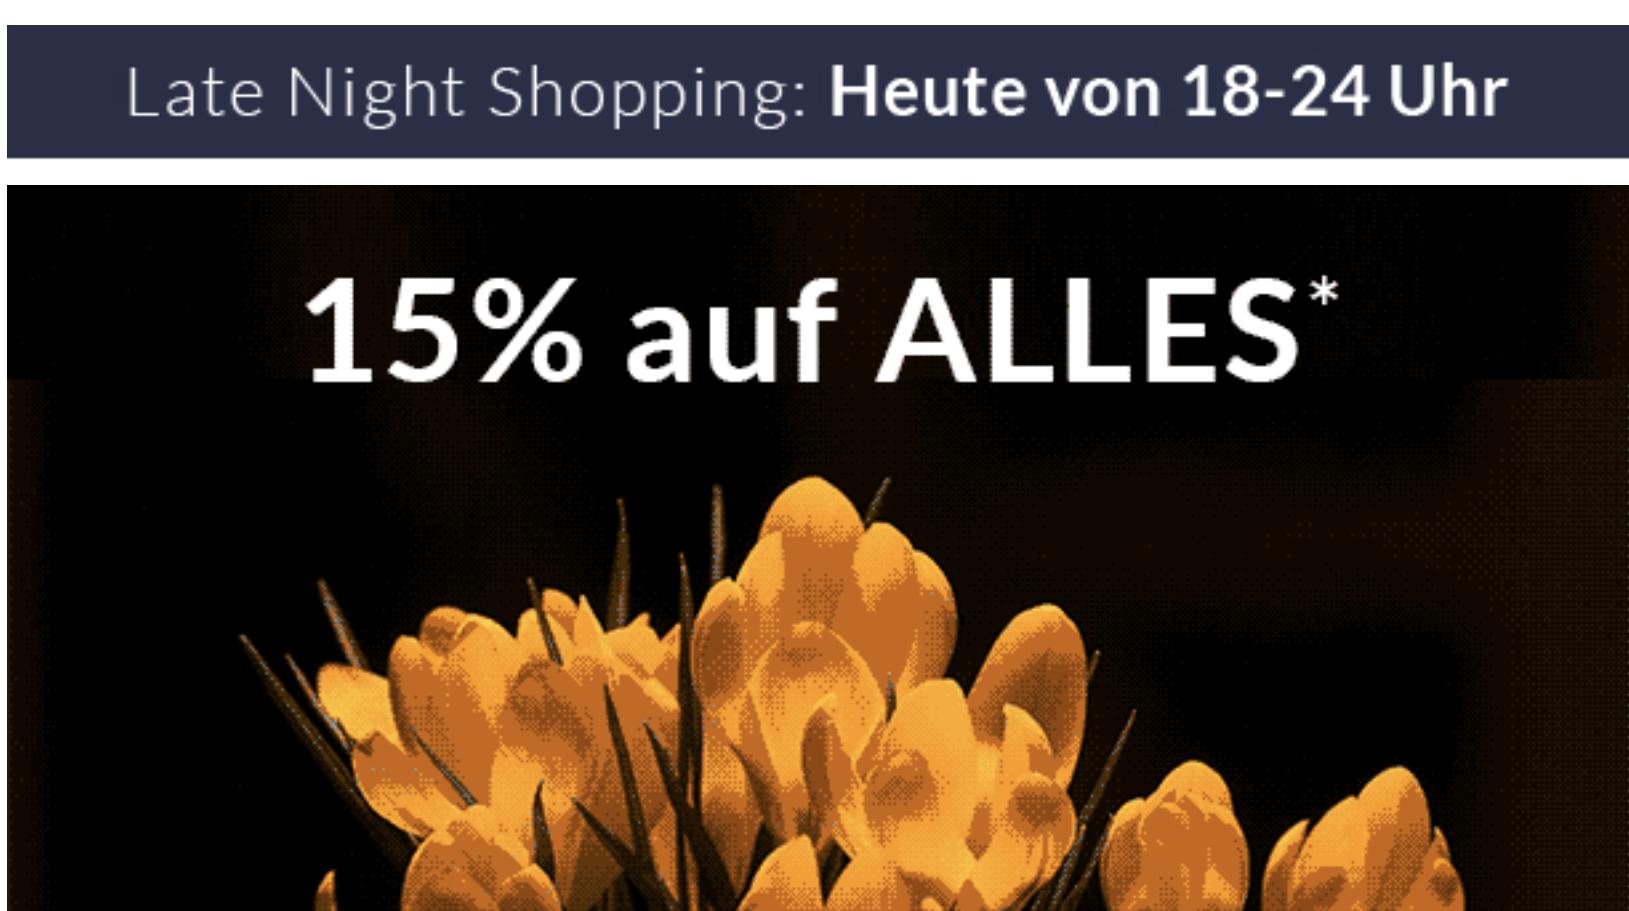 [Schwab] 15% auf Alles ab 18 Uhr (Bestandskunden) + 10 Euro Rabatt ab 30 Euro